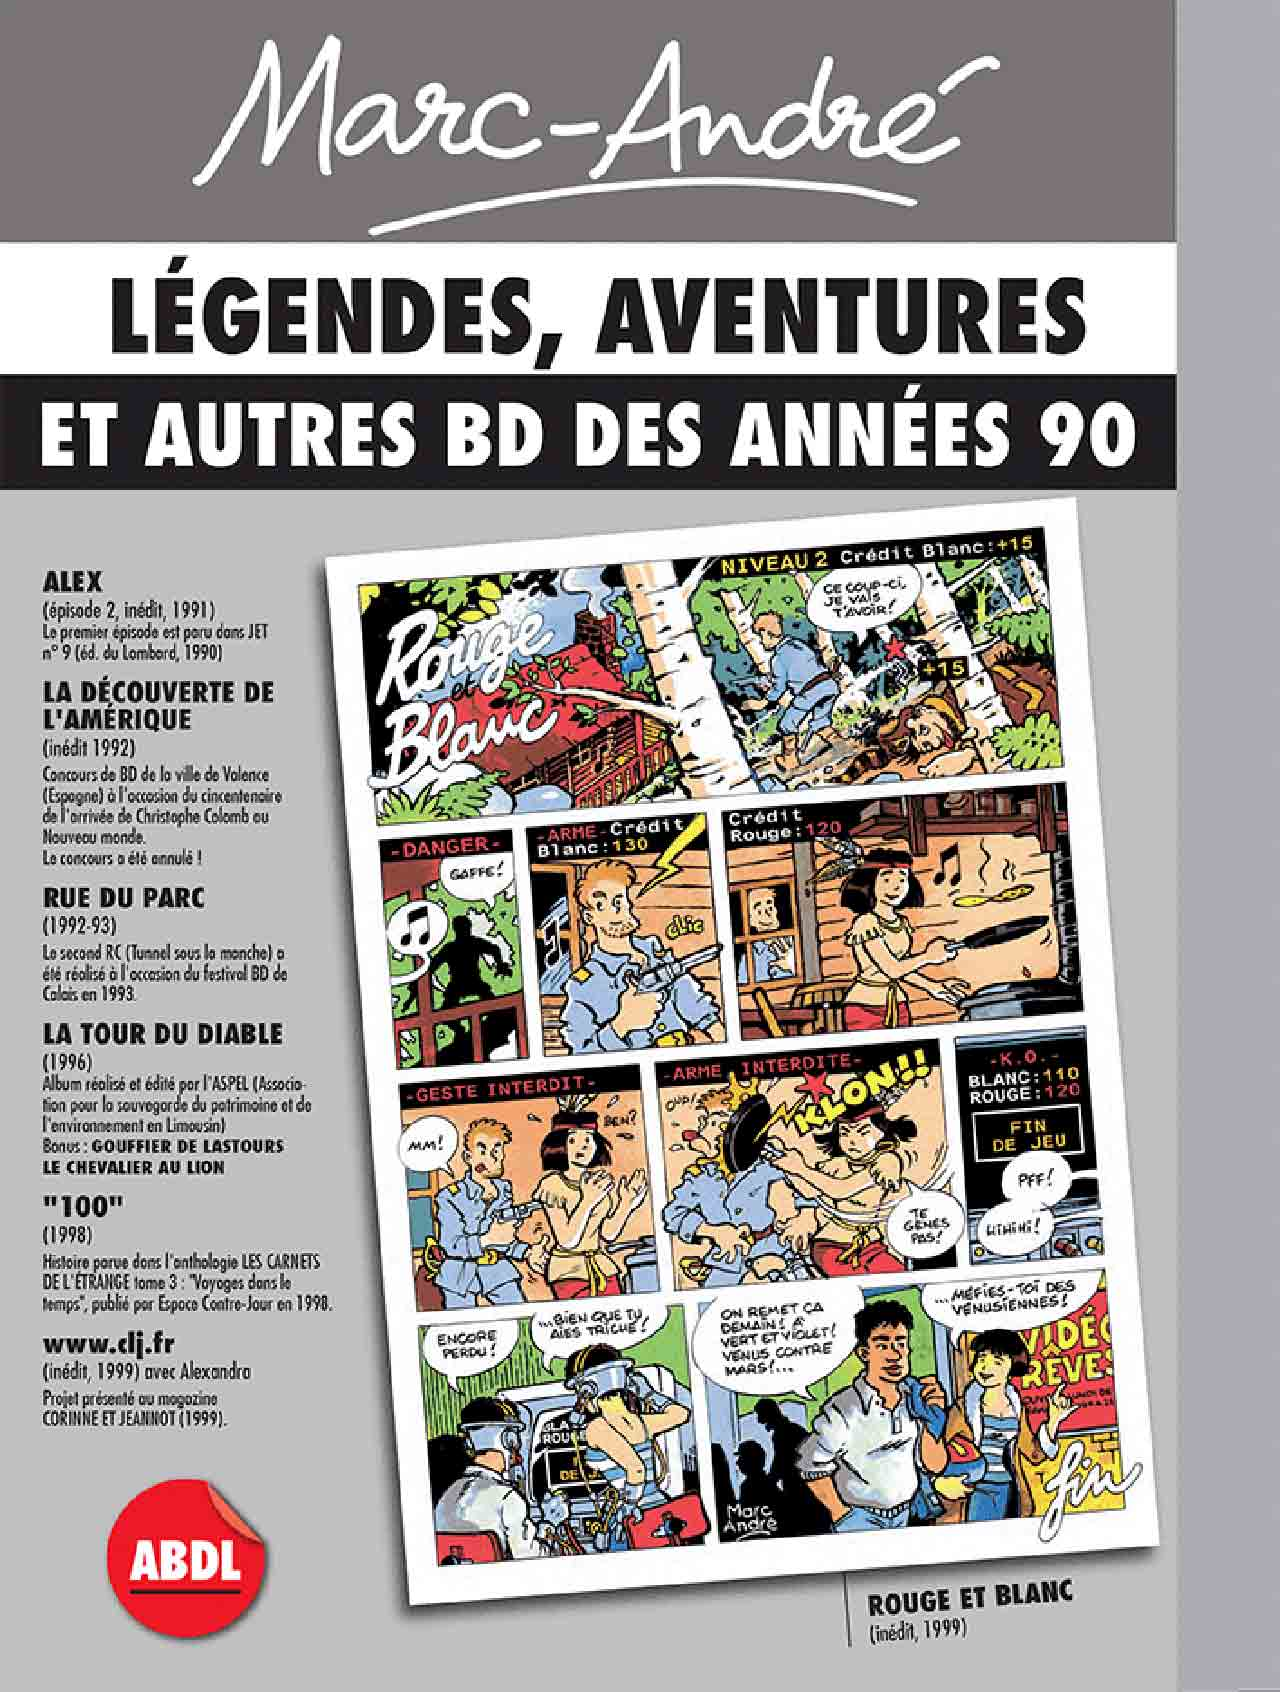 Marc-André Légendes, aventures et autres BD des années 90 - Verso- 2019